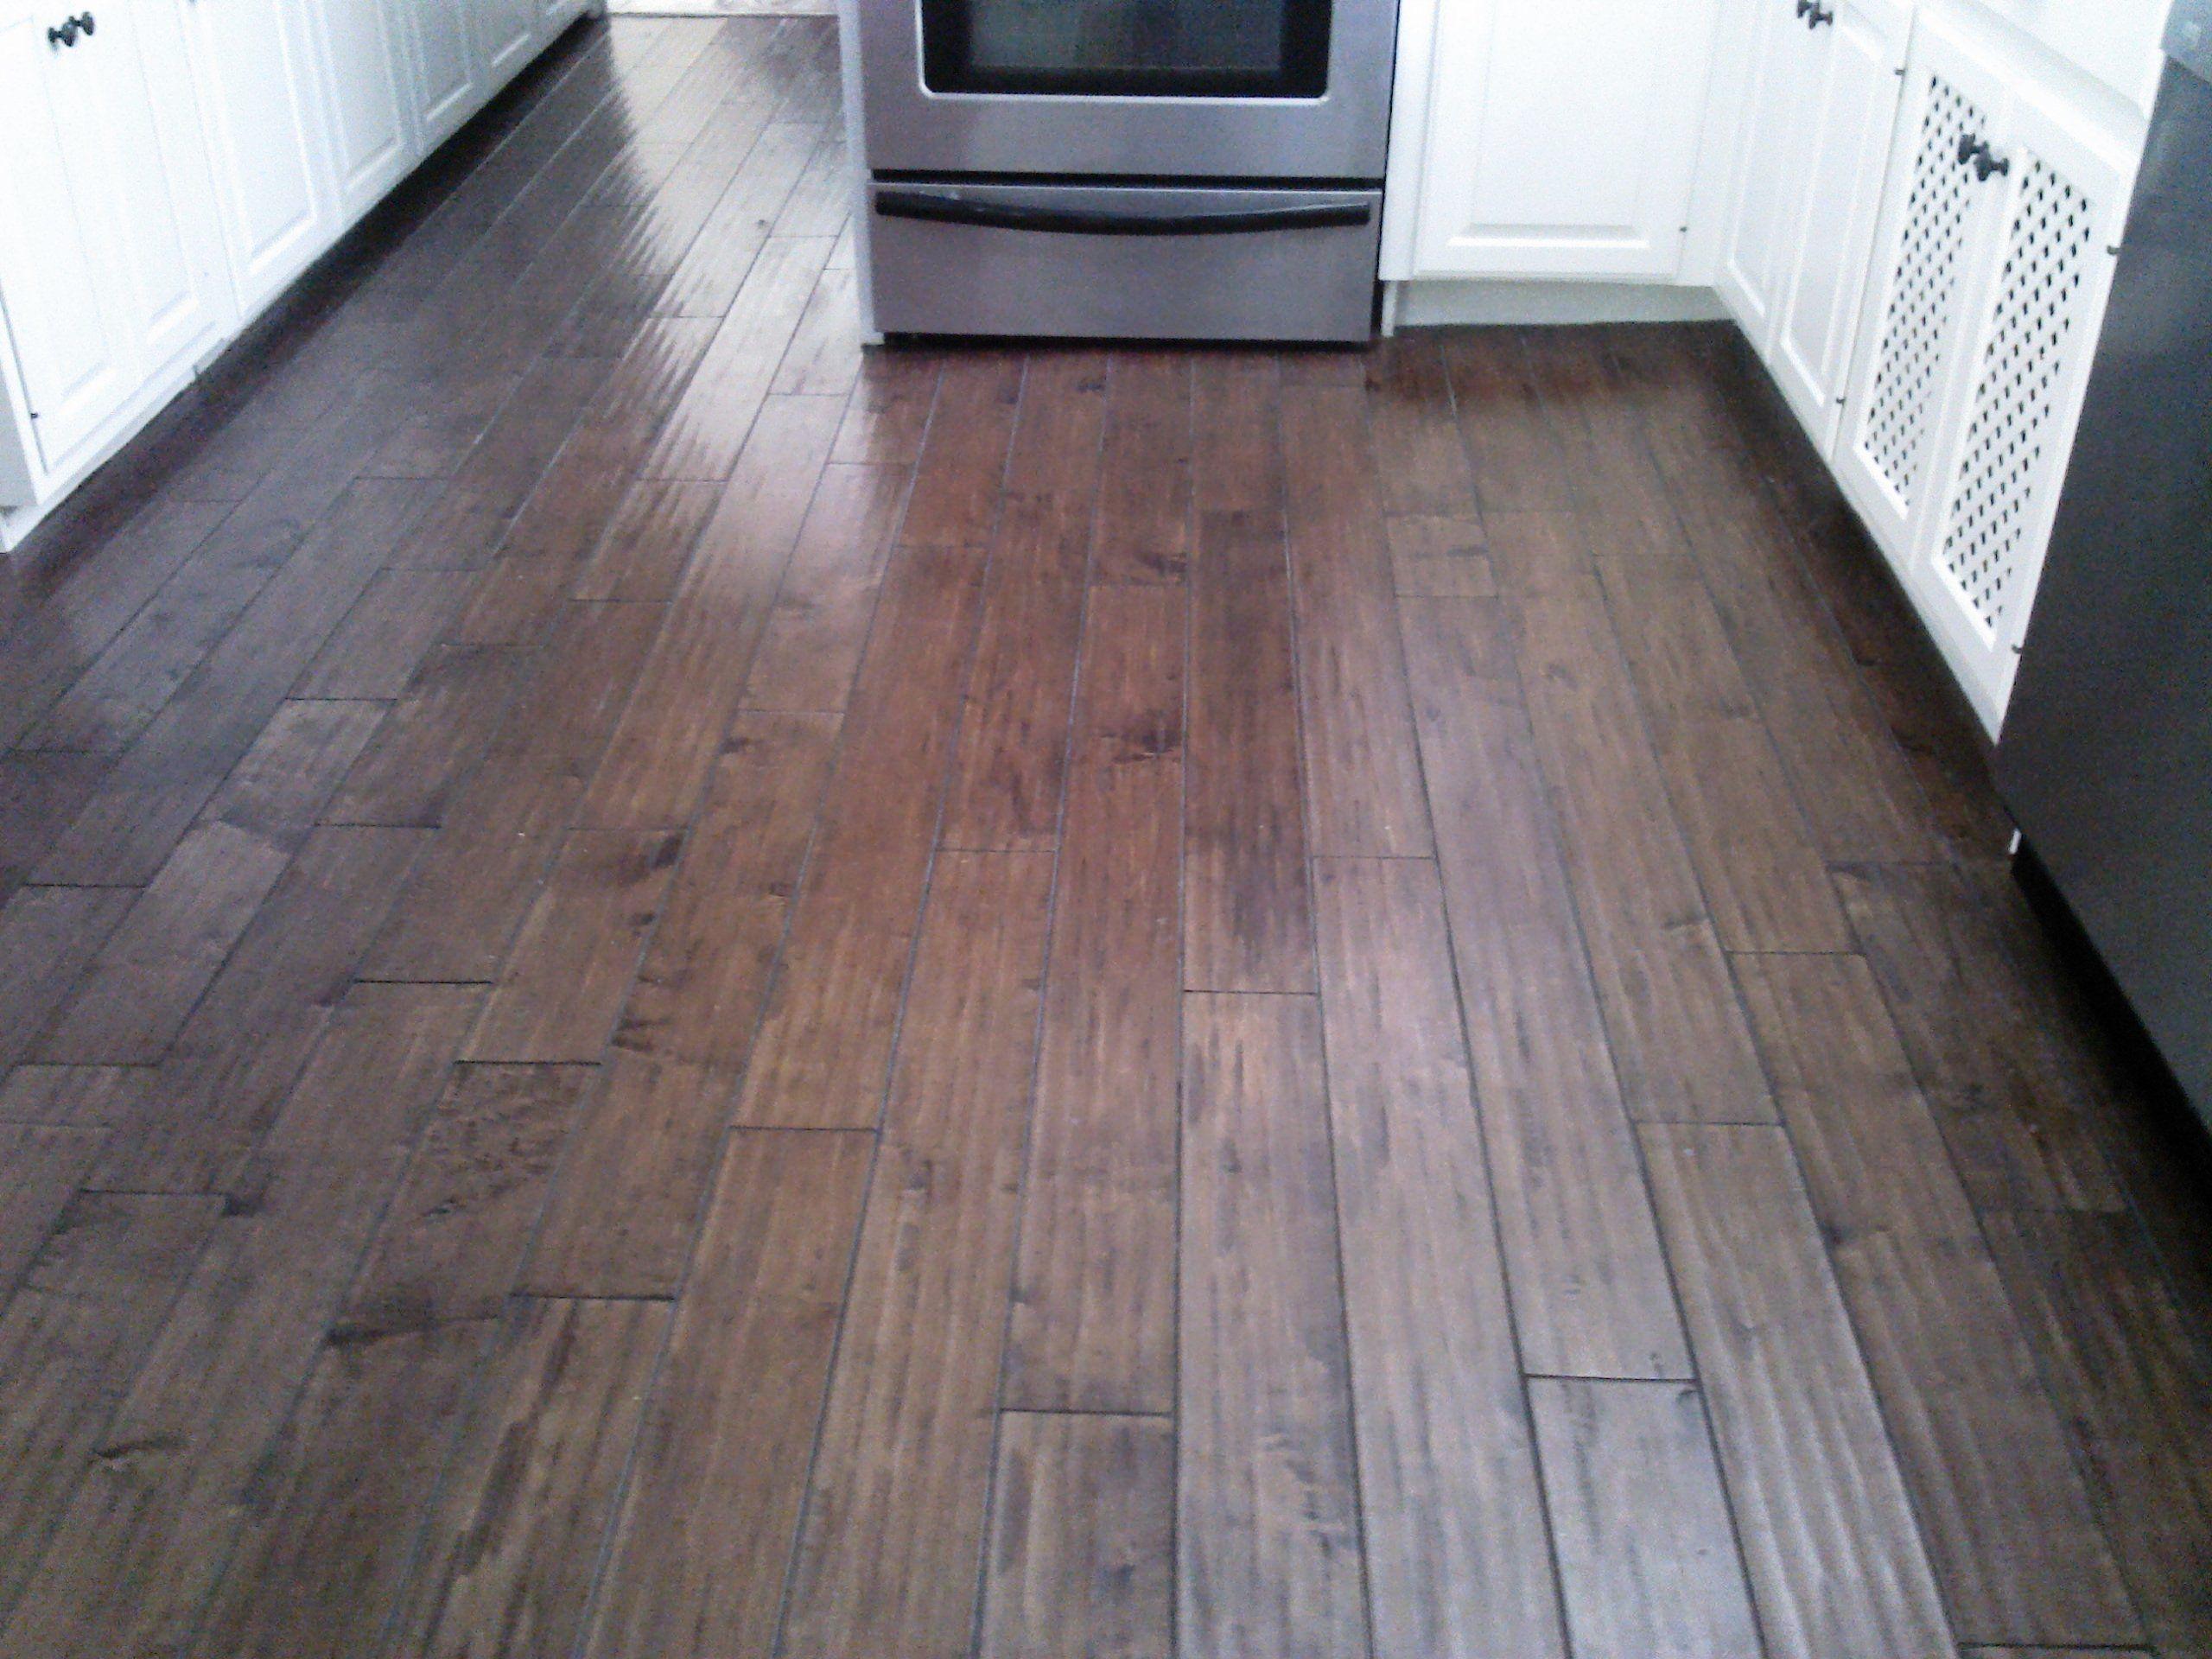 Linoleum Flooring That Looks Like Wood Planks Vinyl wood